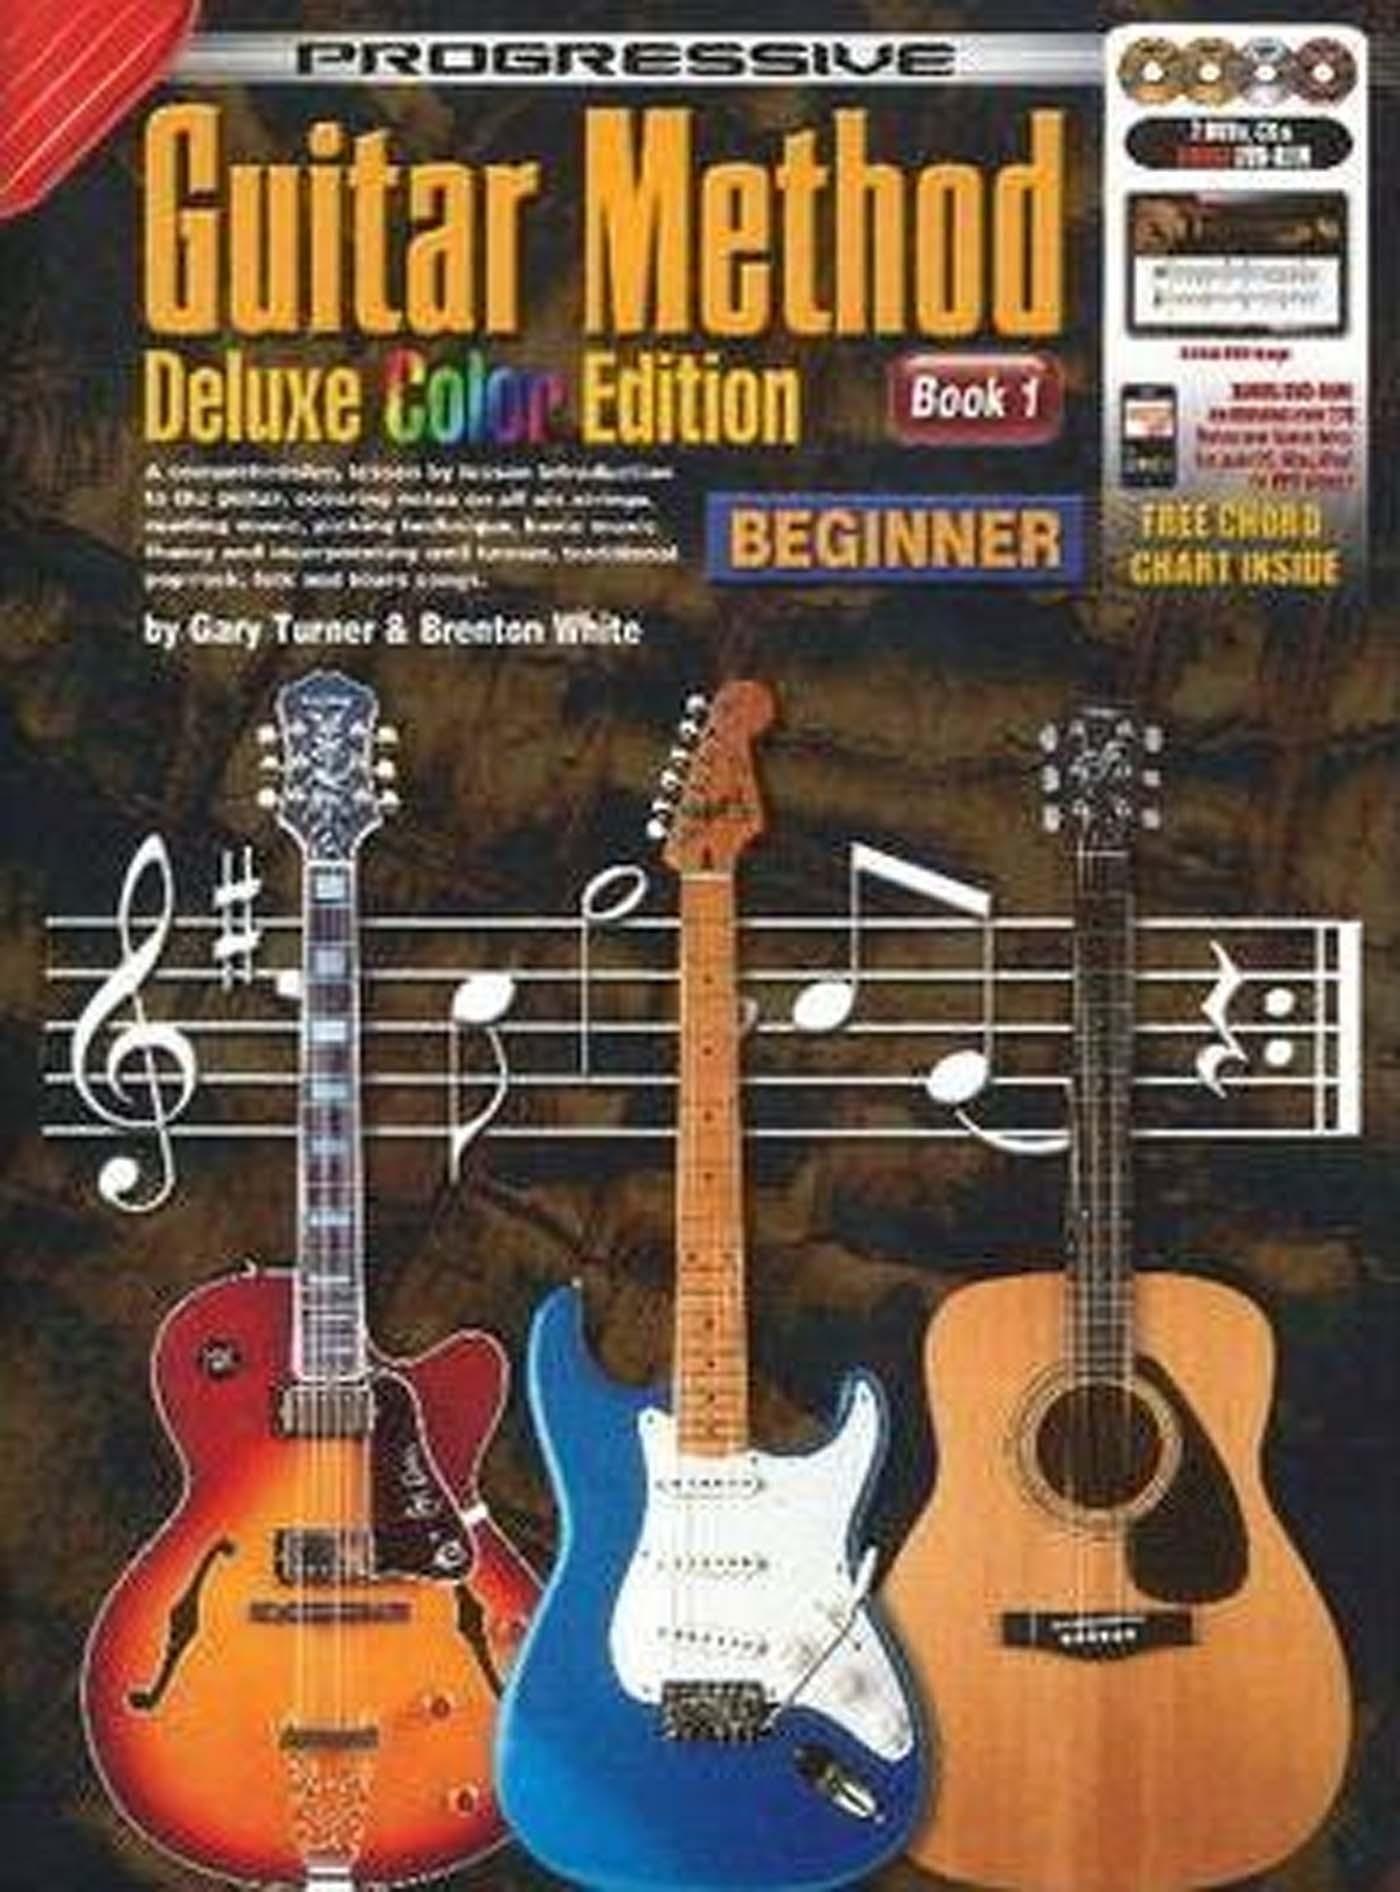 Progressive Guitar Method Deluxe Colour Edition Beginner Book 1 CD DVD & Rom S52